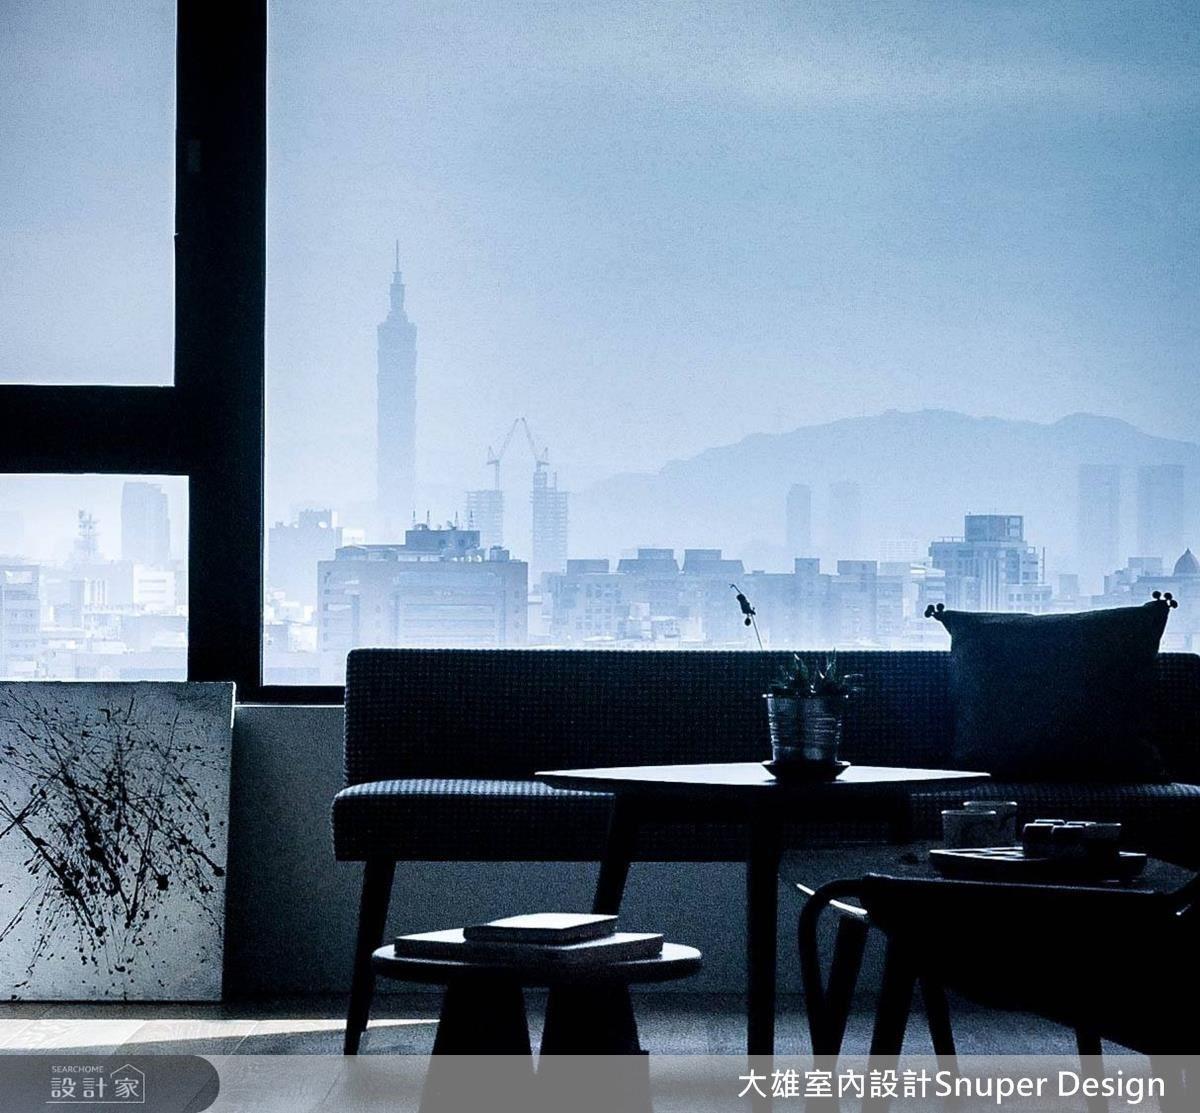 攝影藝術為空間增添豐潤生命力,是室內設計不可或缺的元素之一。